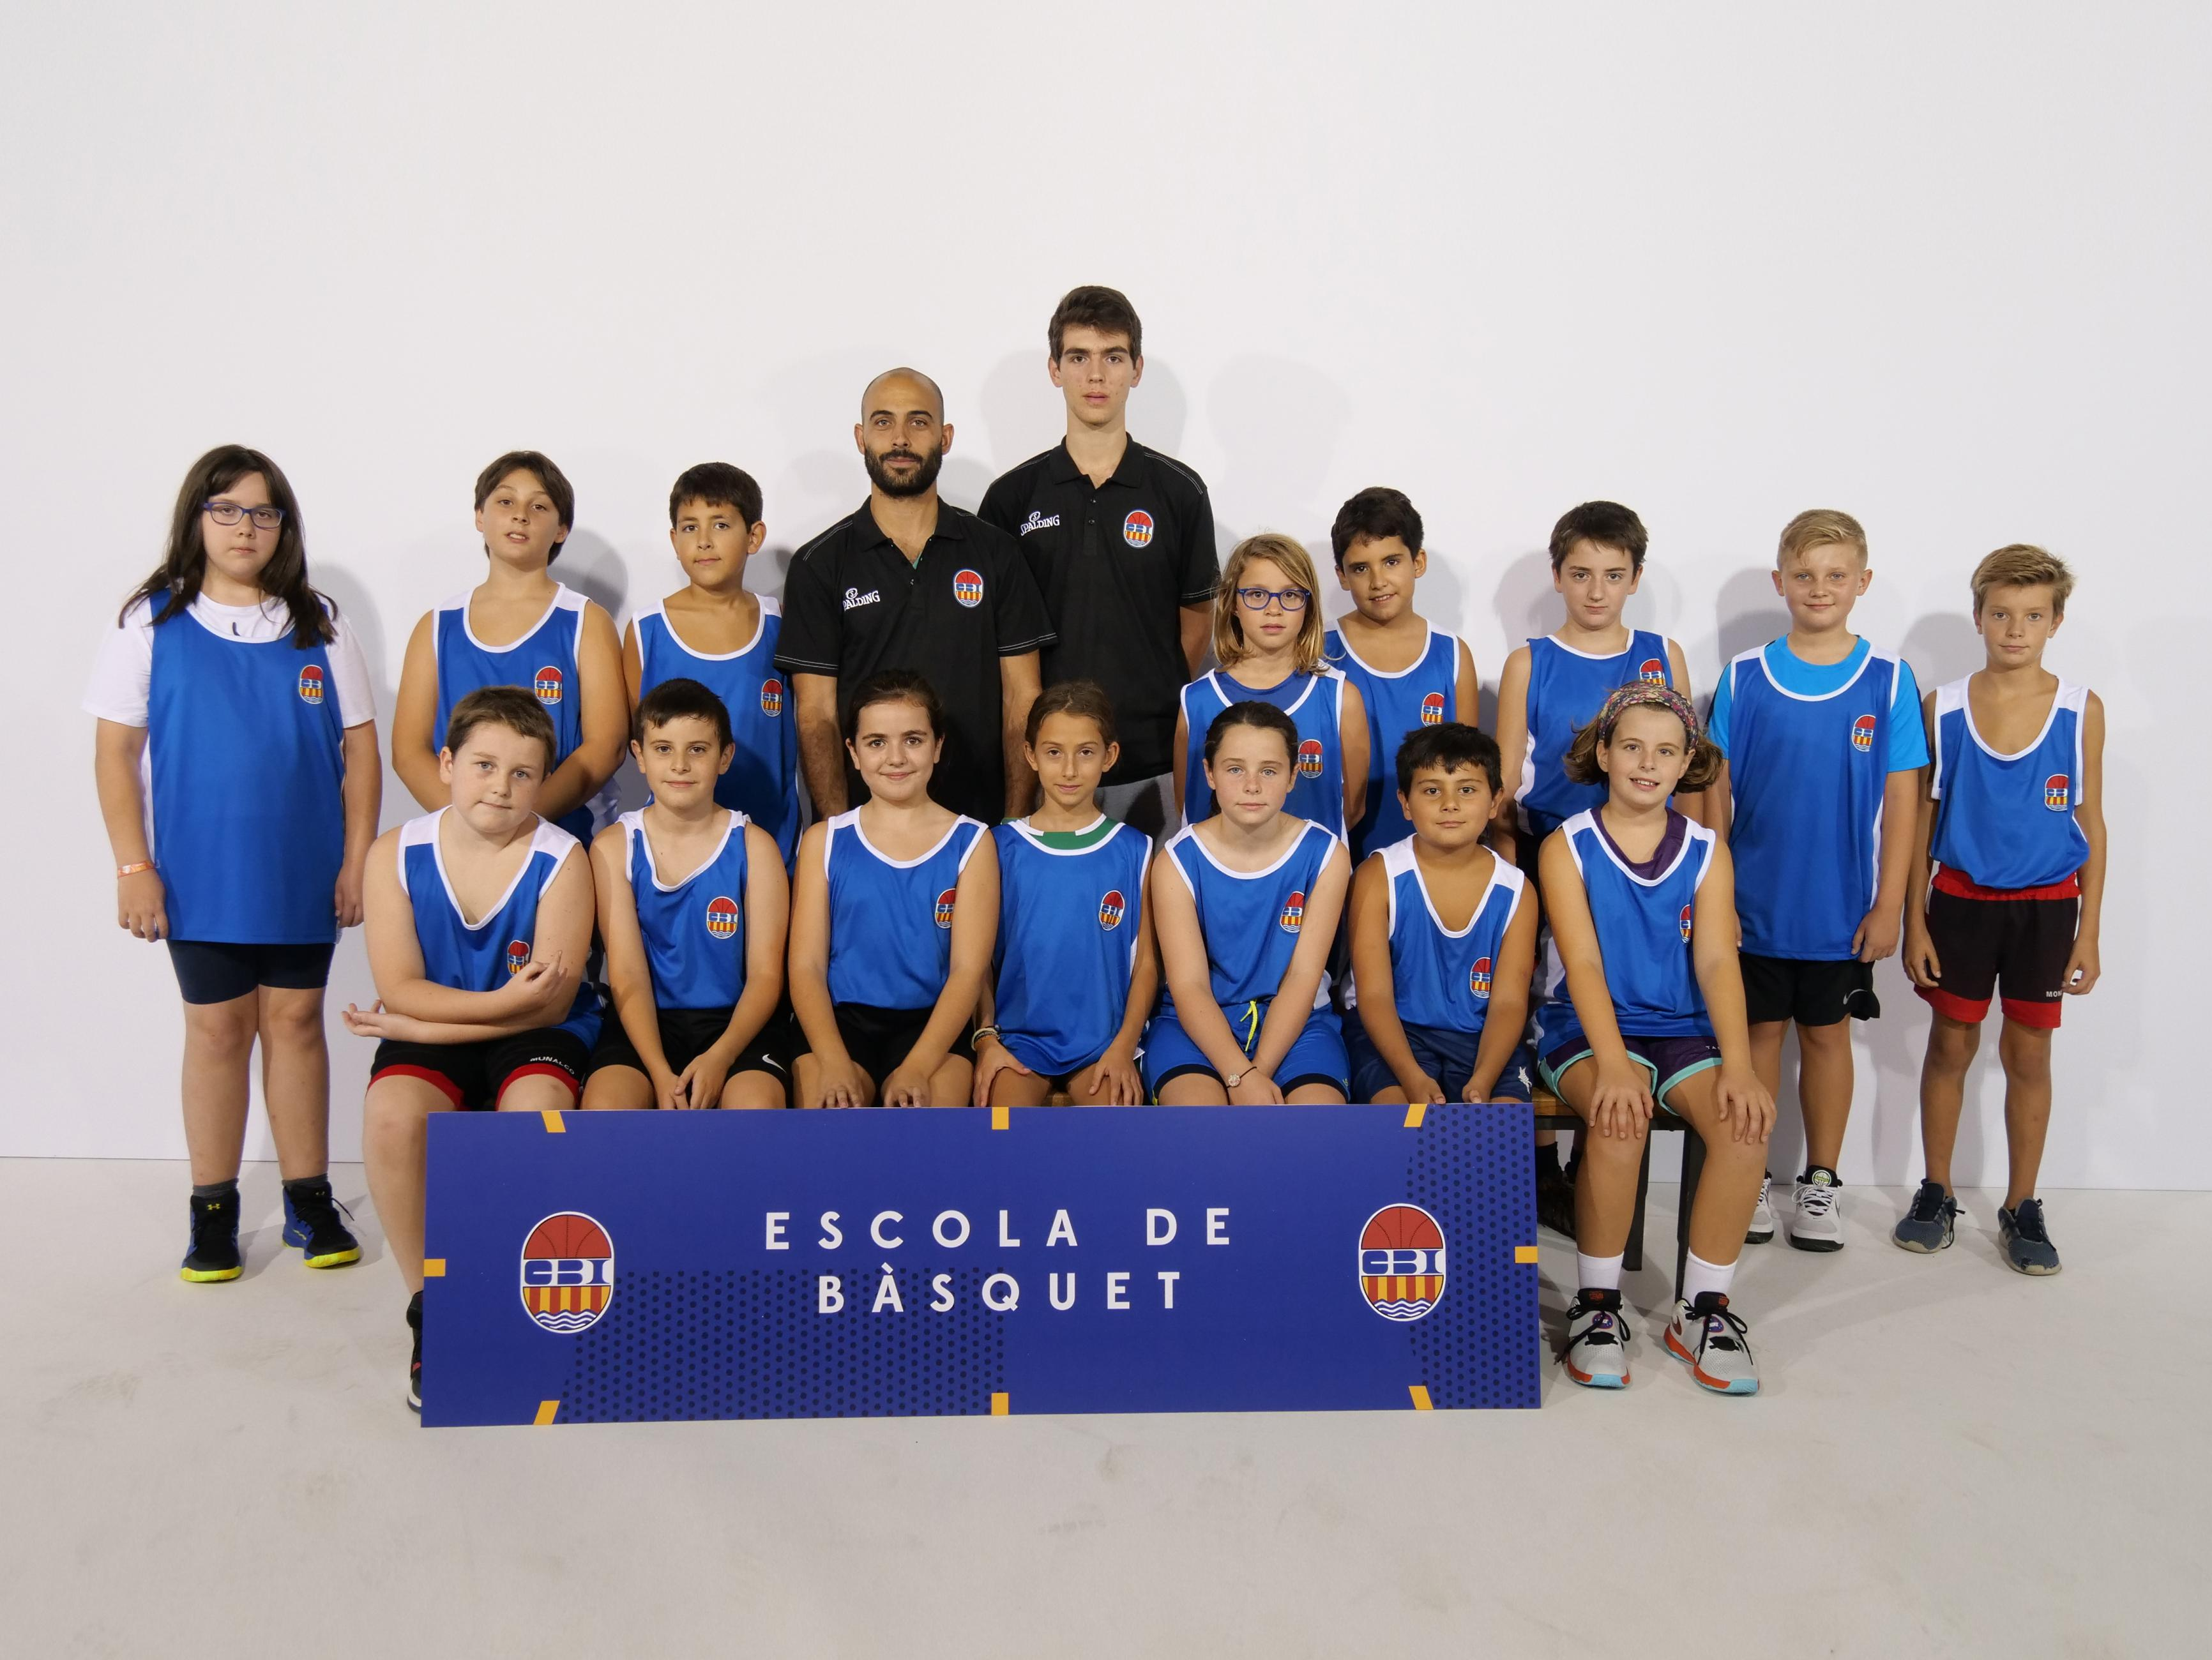 Escola de bàsquet Grans mixte